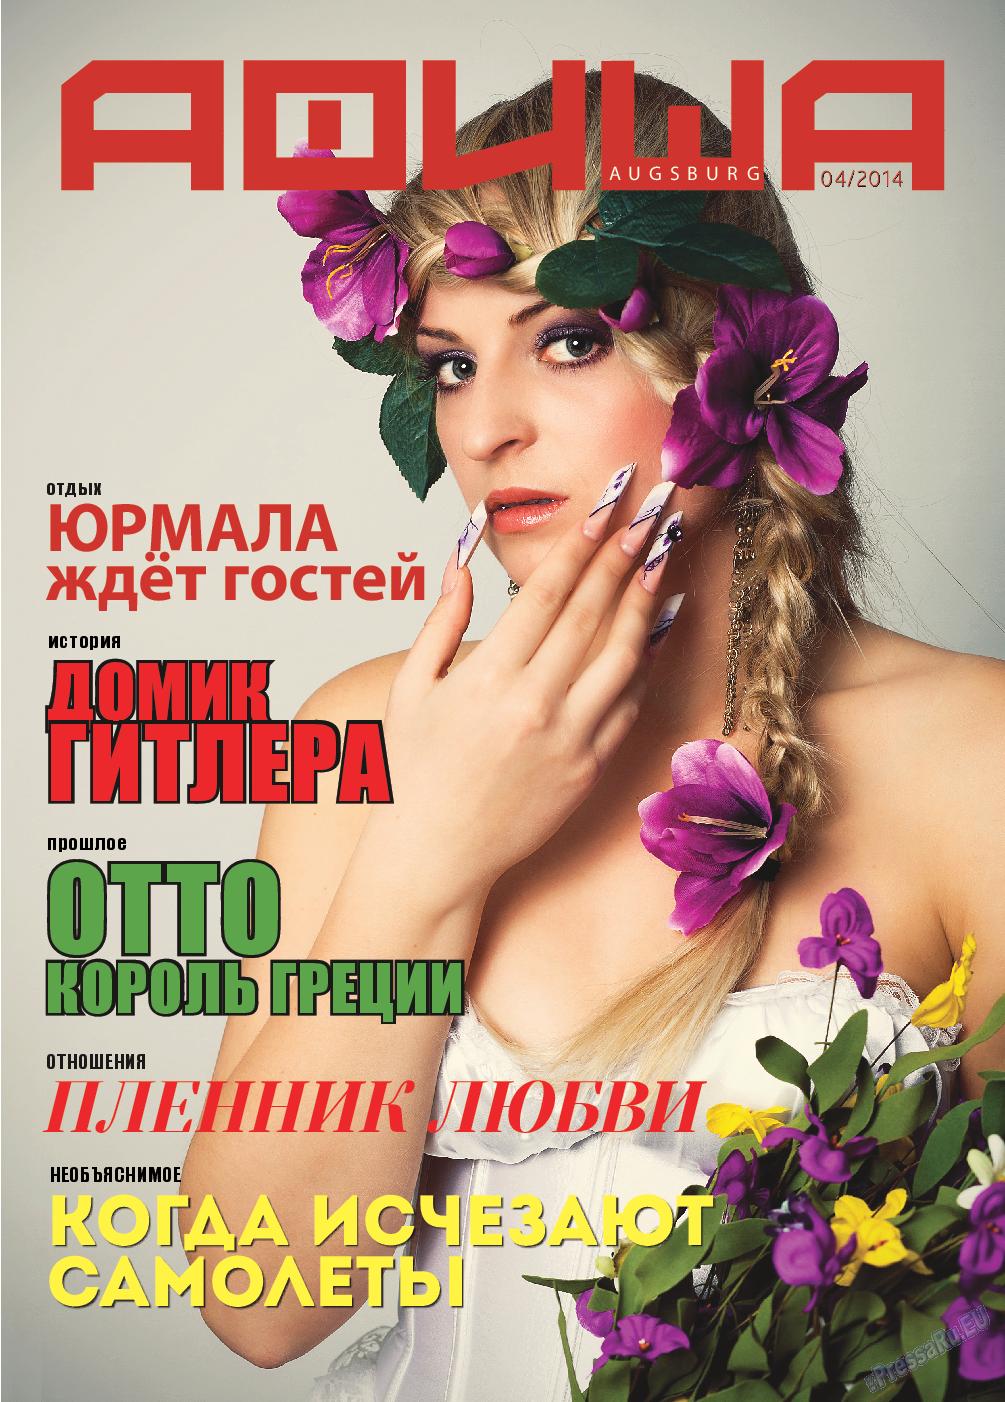 Афиша Augsburg (журнал). 2014 год, номер 4, стр. 1